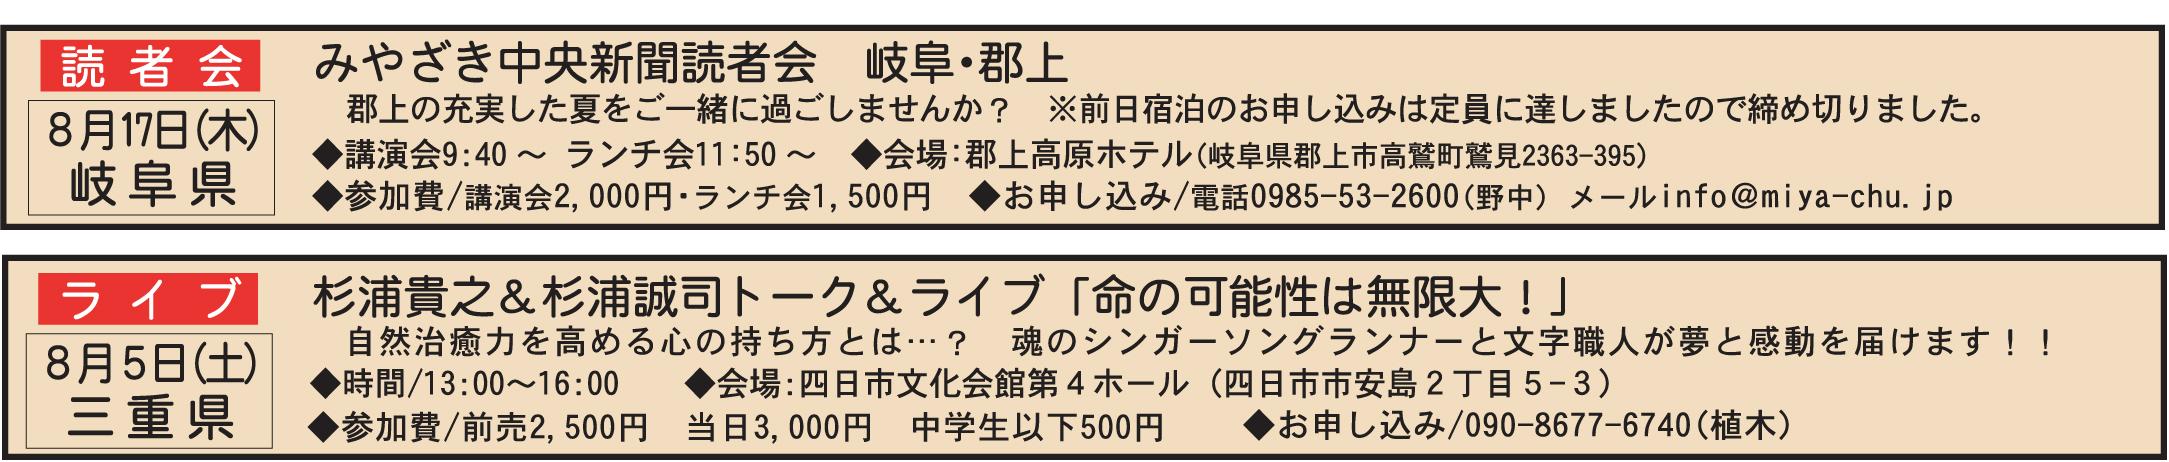 muryo2704.jpg